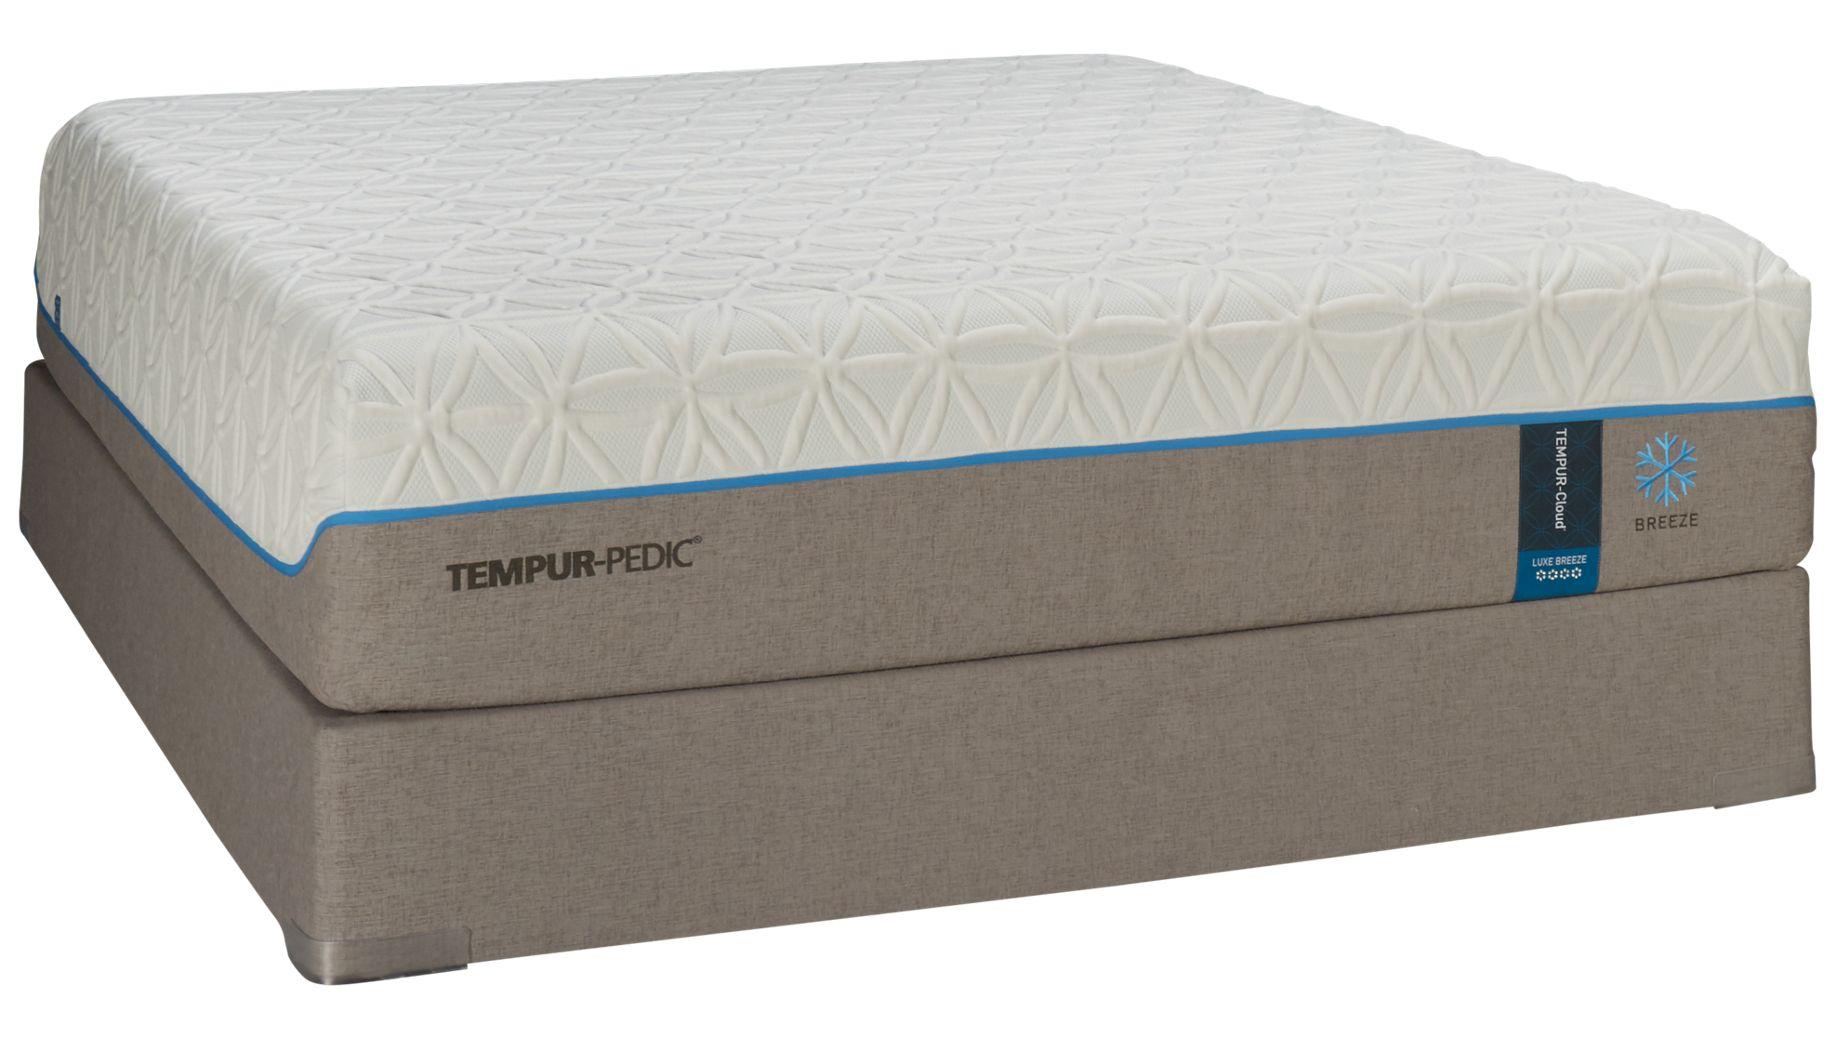 Tempur Pedic Cloud Luxe Breeze Mattress Set